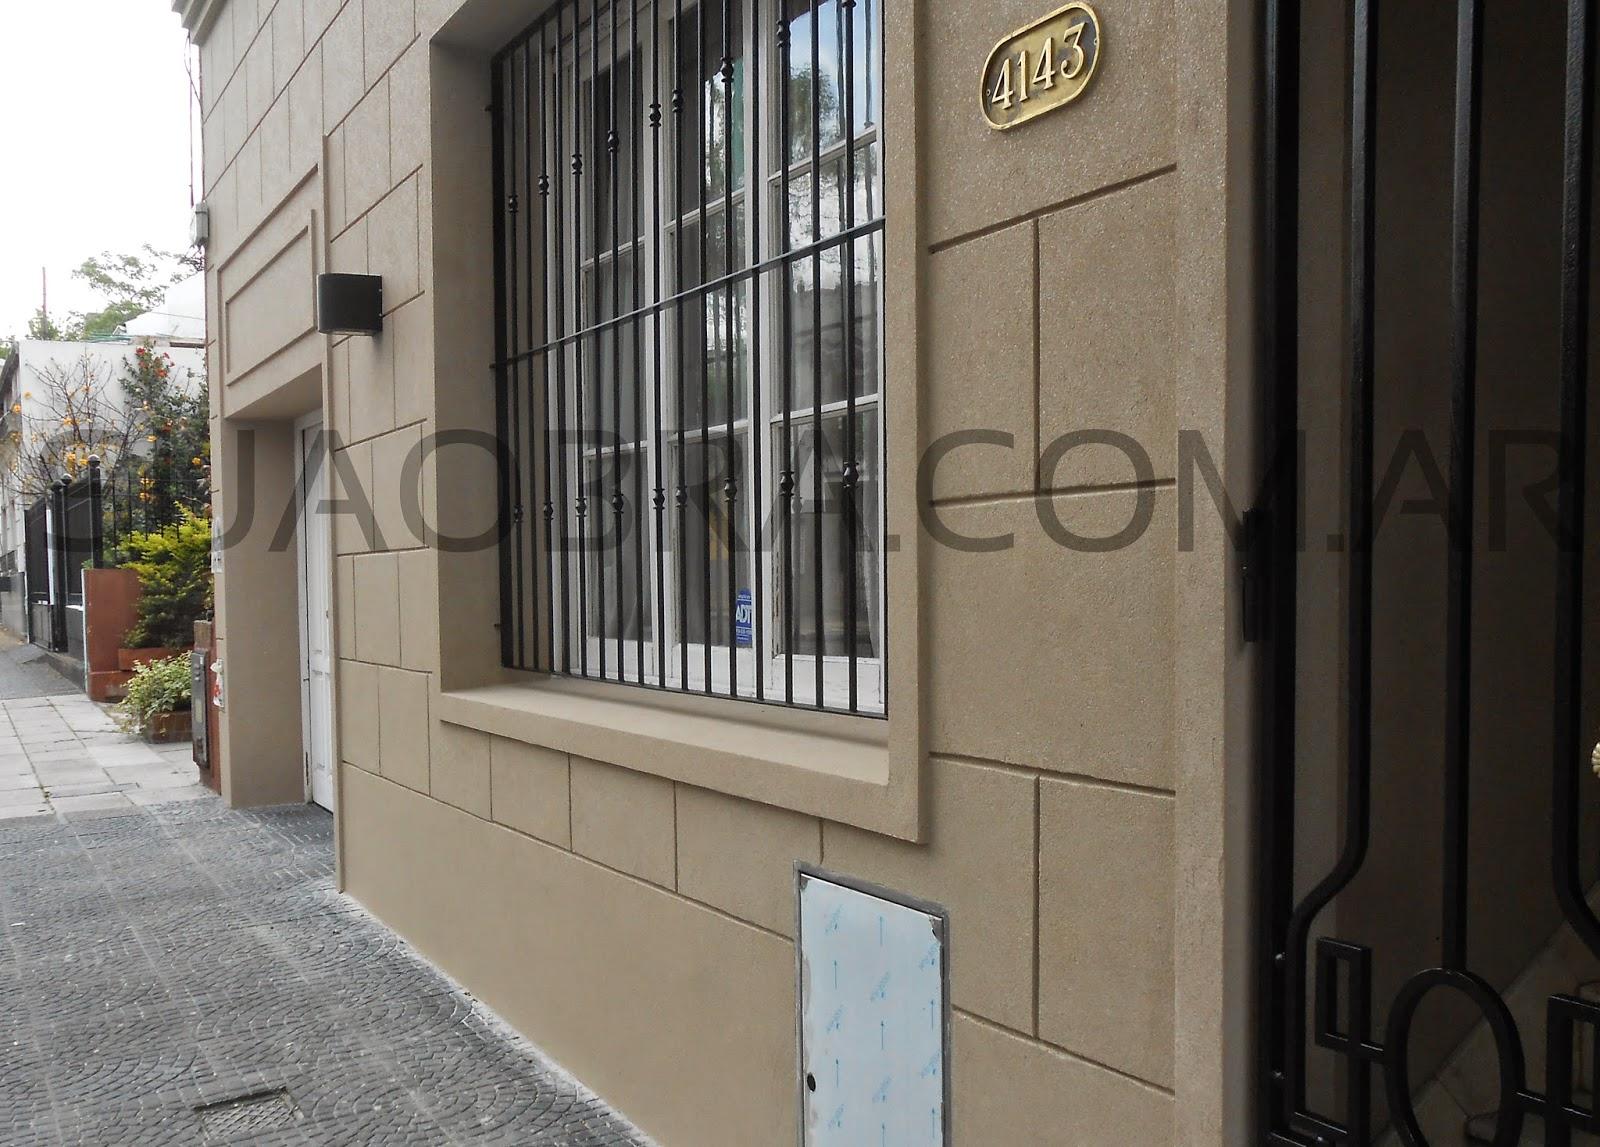 Tarquini revestimiento de paredes exteriores aplicacion - Revestimiento para paredes exteriores ...